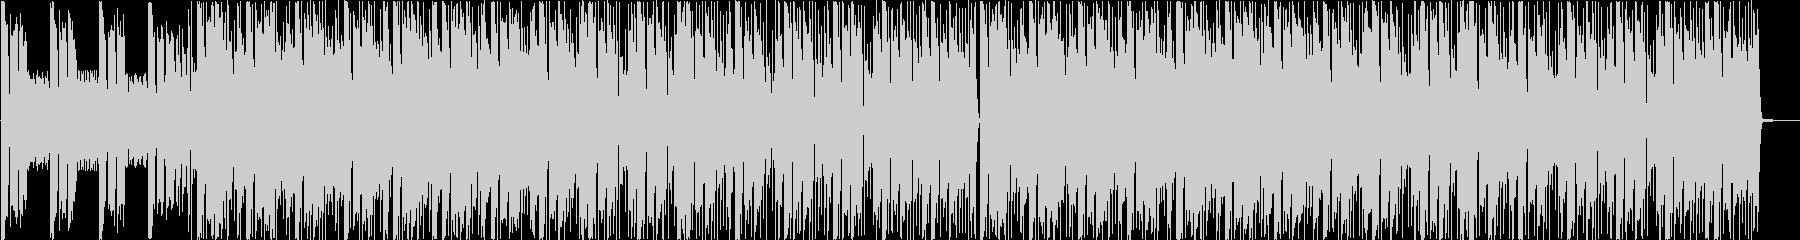 シンセ、ピアノをフィーチャーしたEDMの未再生の波形